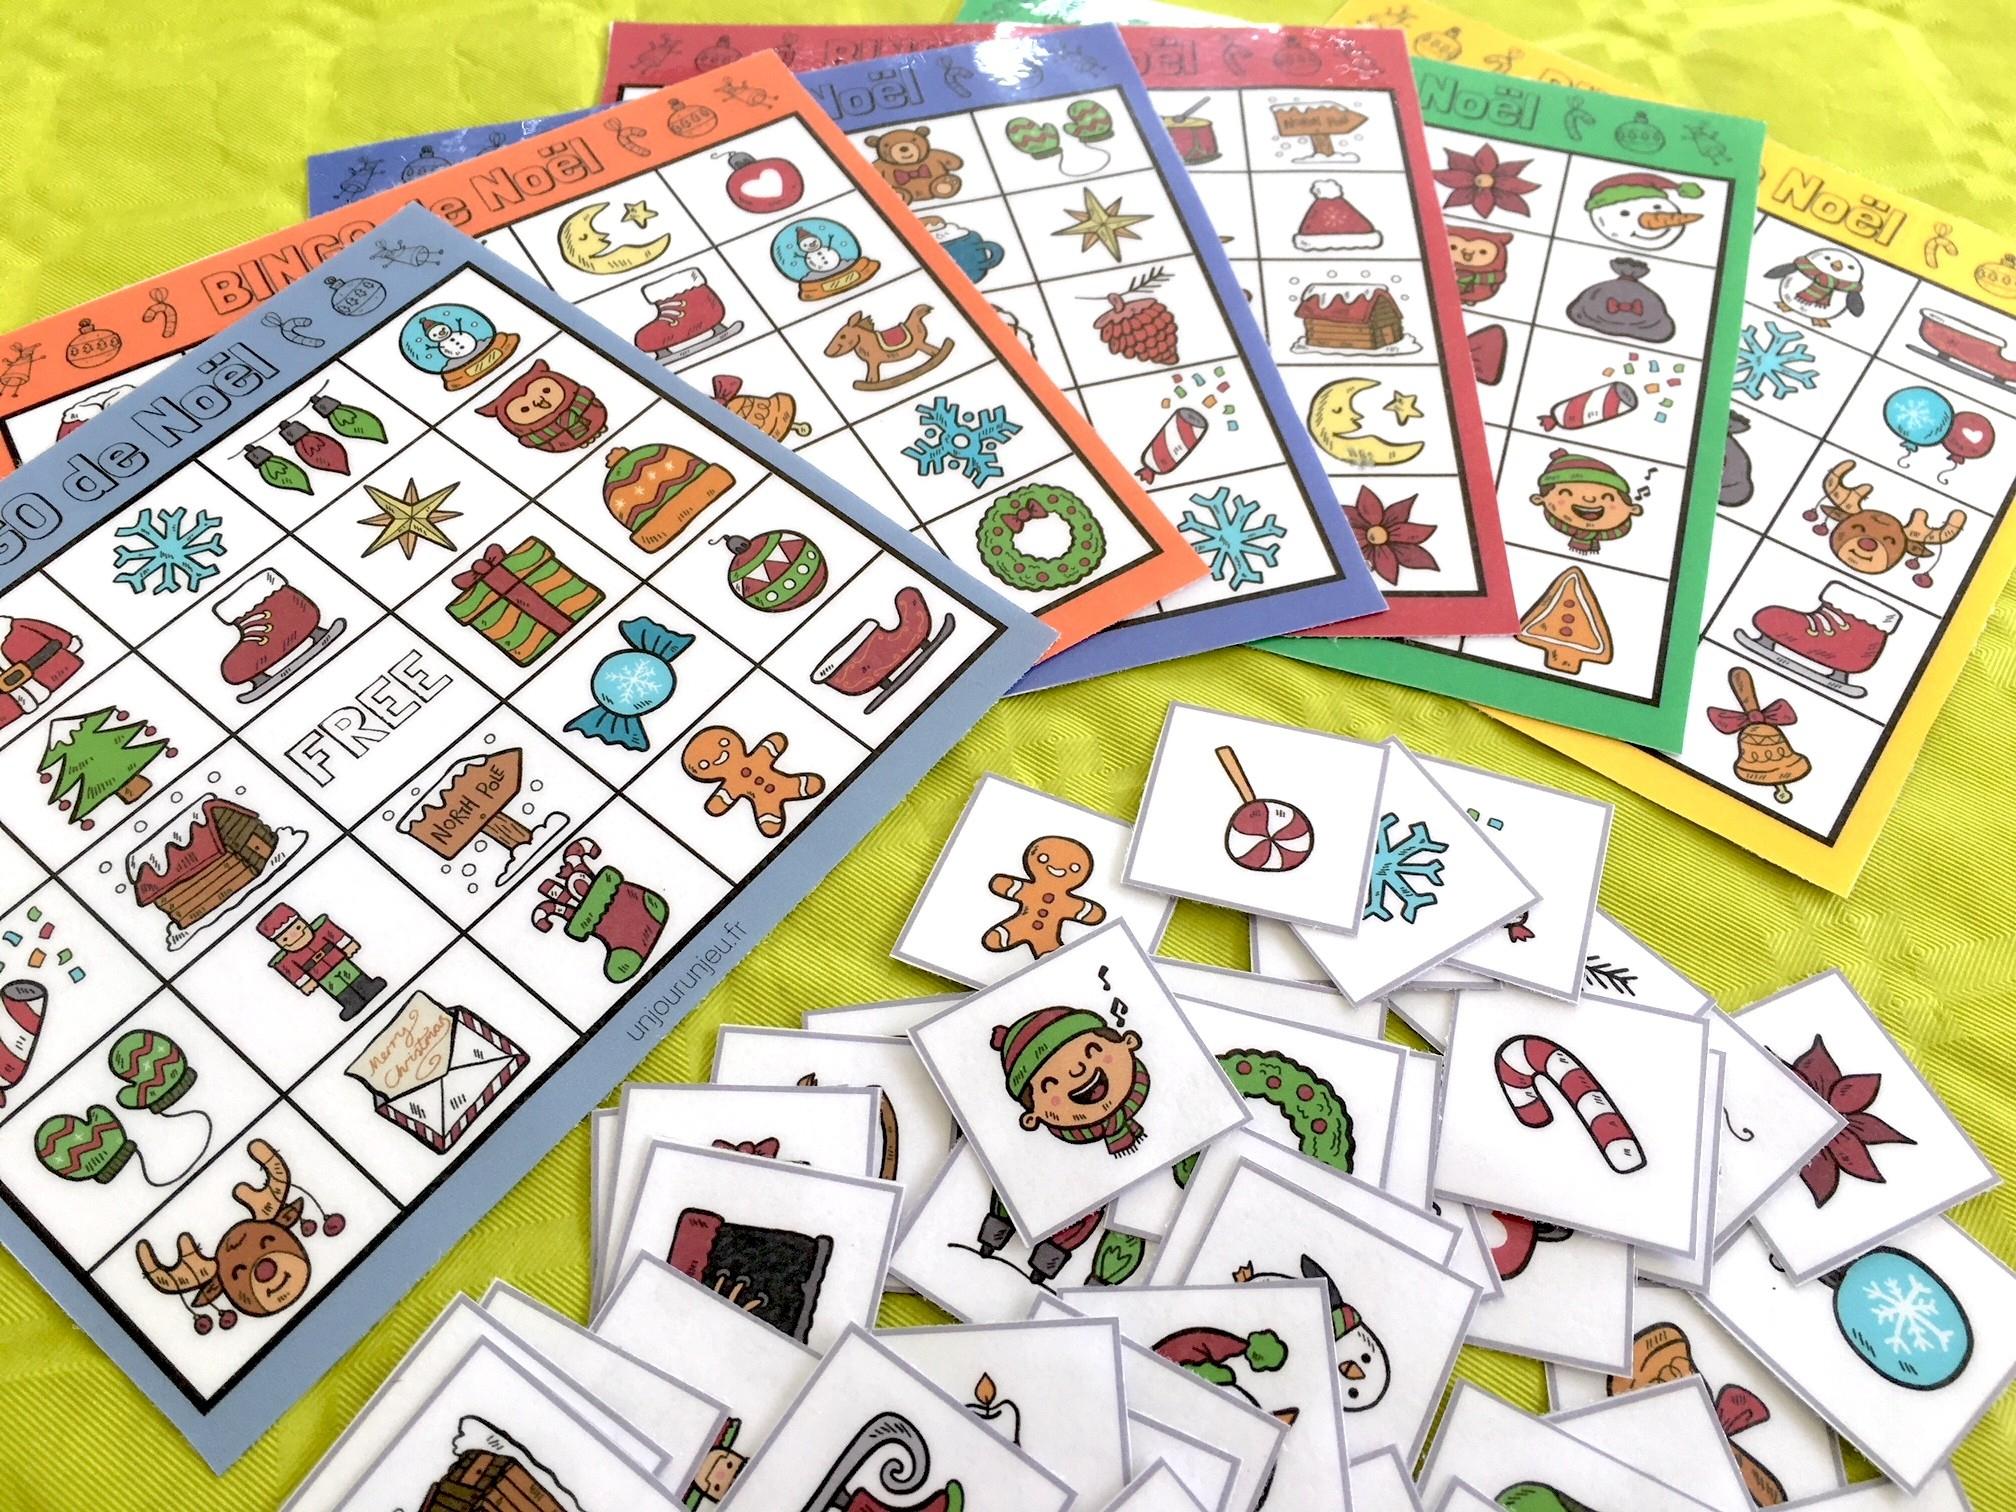 Jeu De Noël : Bingo À Télécharger Gratuitement Pour Vos Enfants destiné Telecharger Jeux Bebe Gratuit